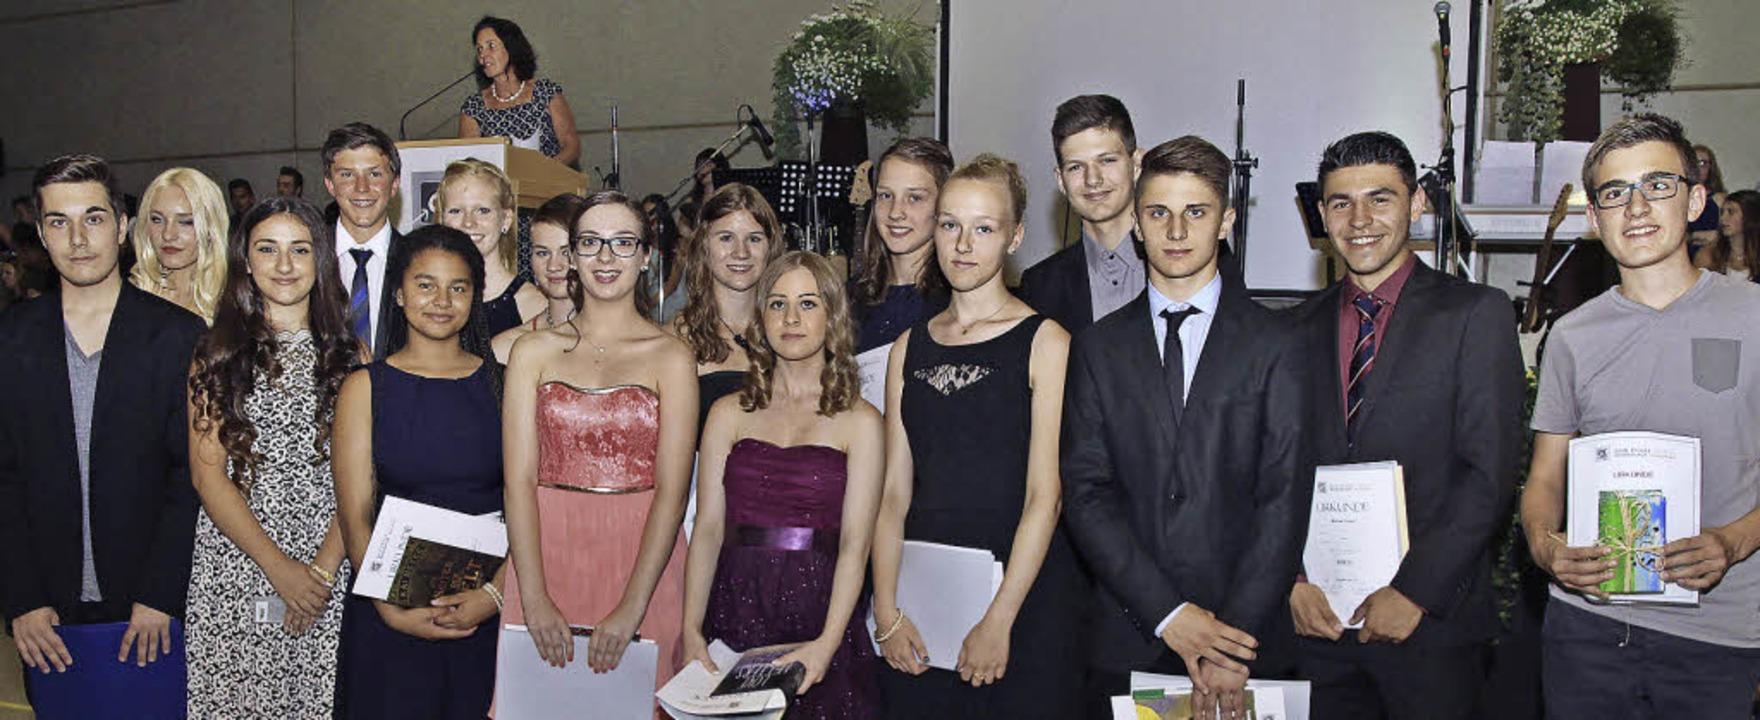 Zum ersten Mal feierten Werkreal- und ... die Preisträgerinnen und Preisträger.  | Foto: Thilo Bergmann